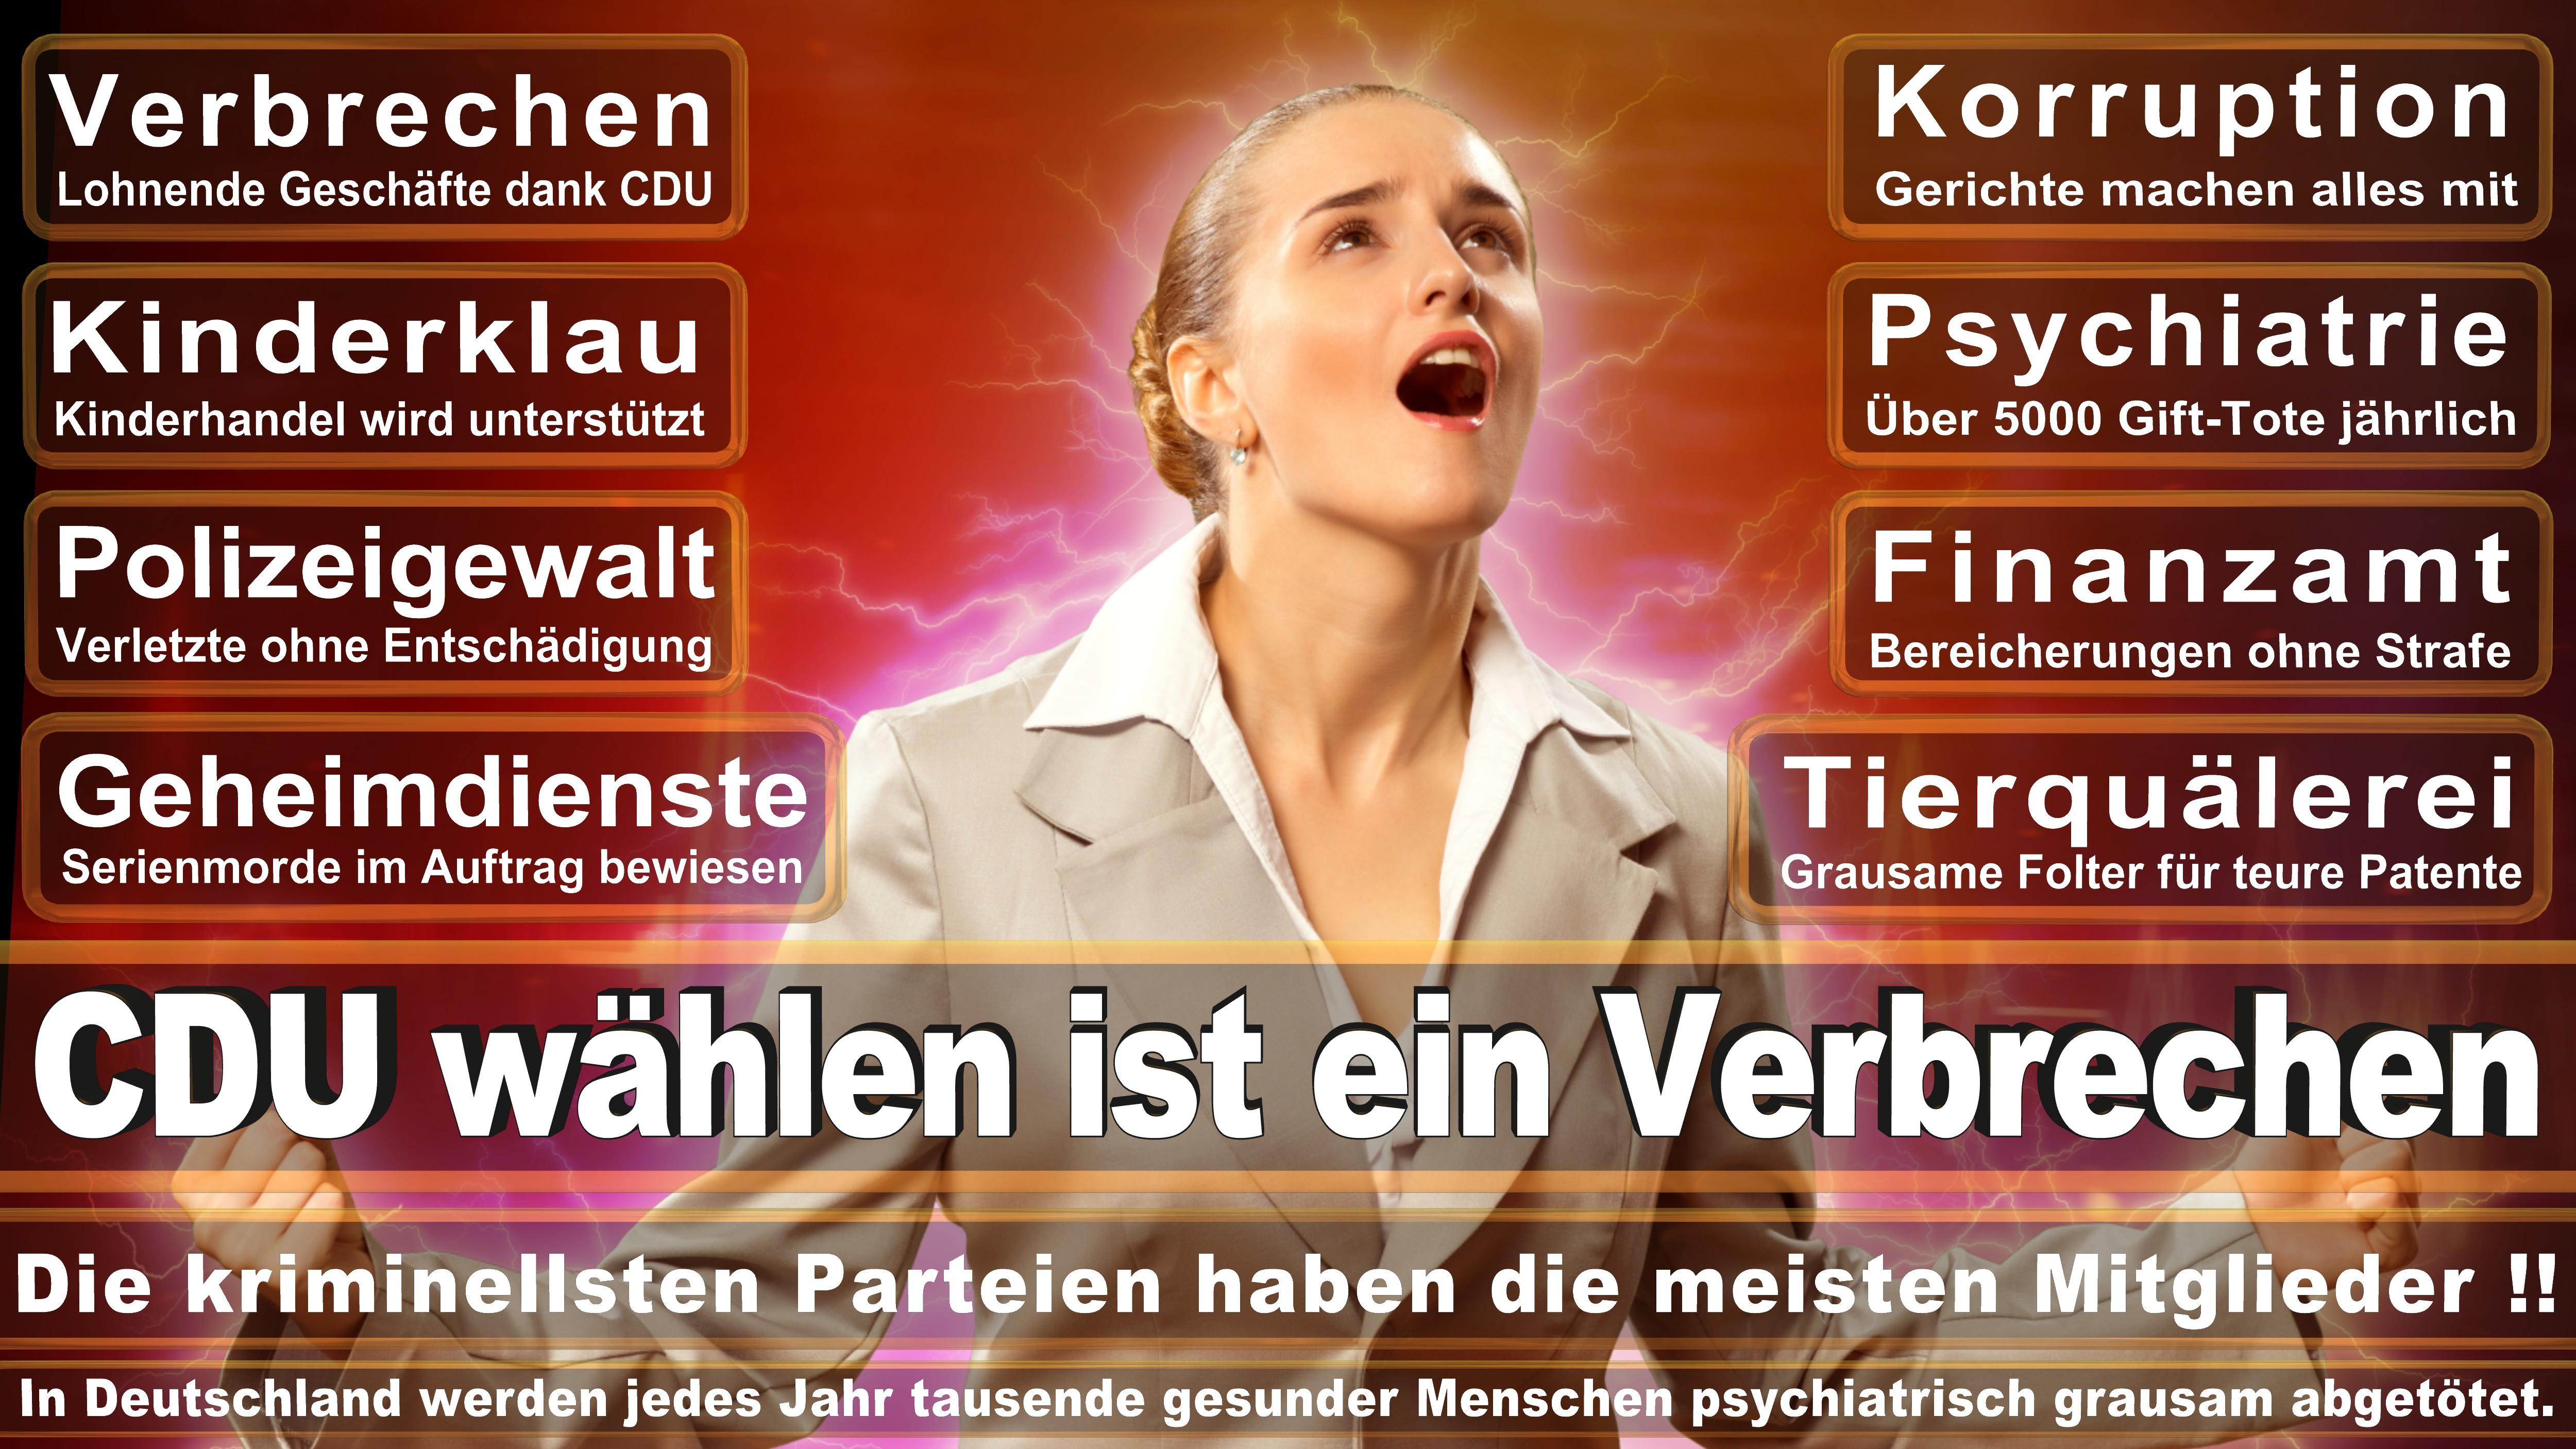 Henning Otte CDU Niedersachsen Celle Uelzen Politiker Deutschland